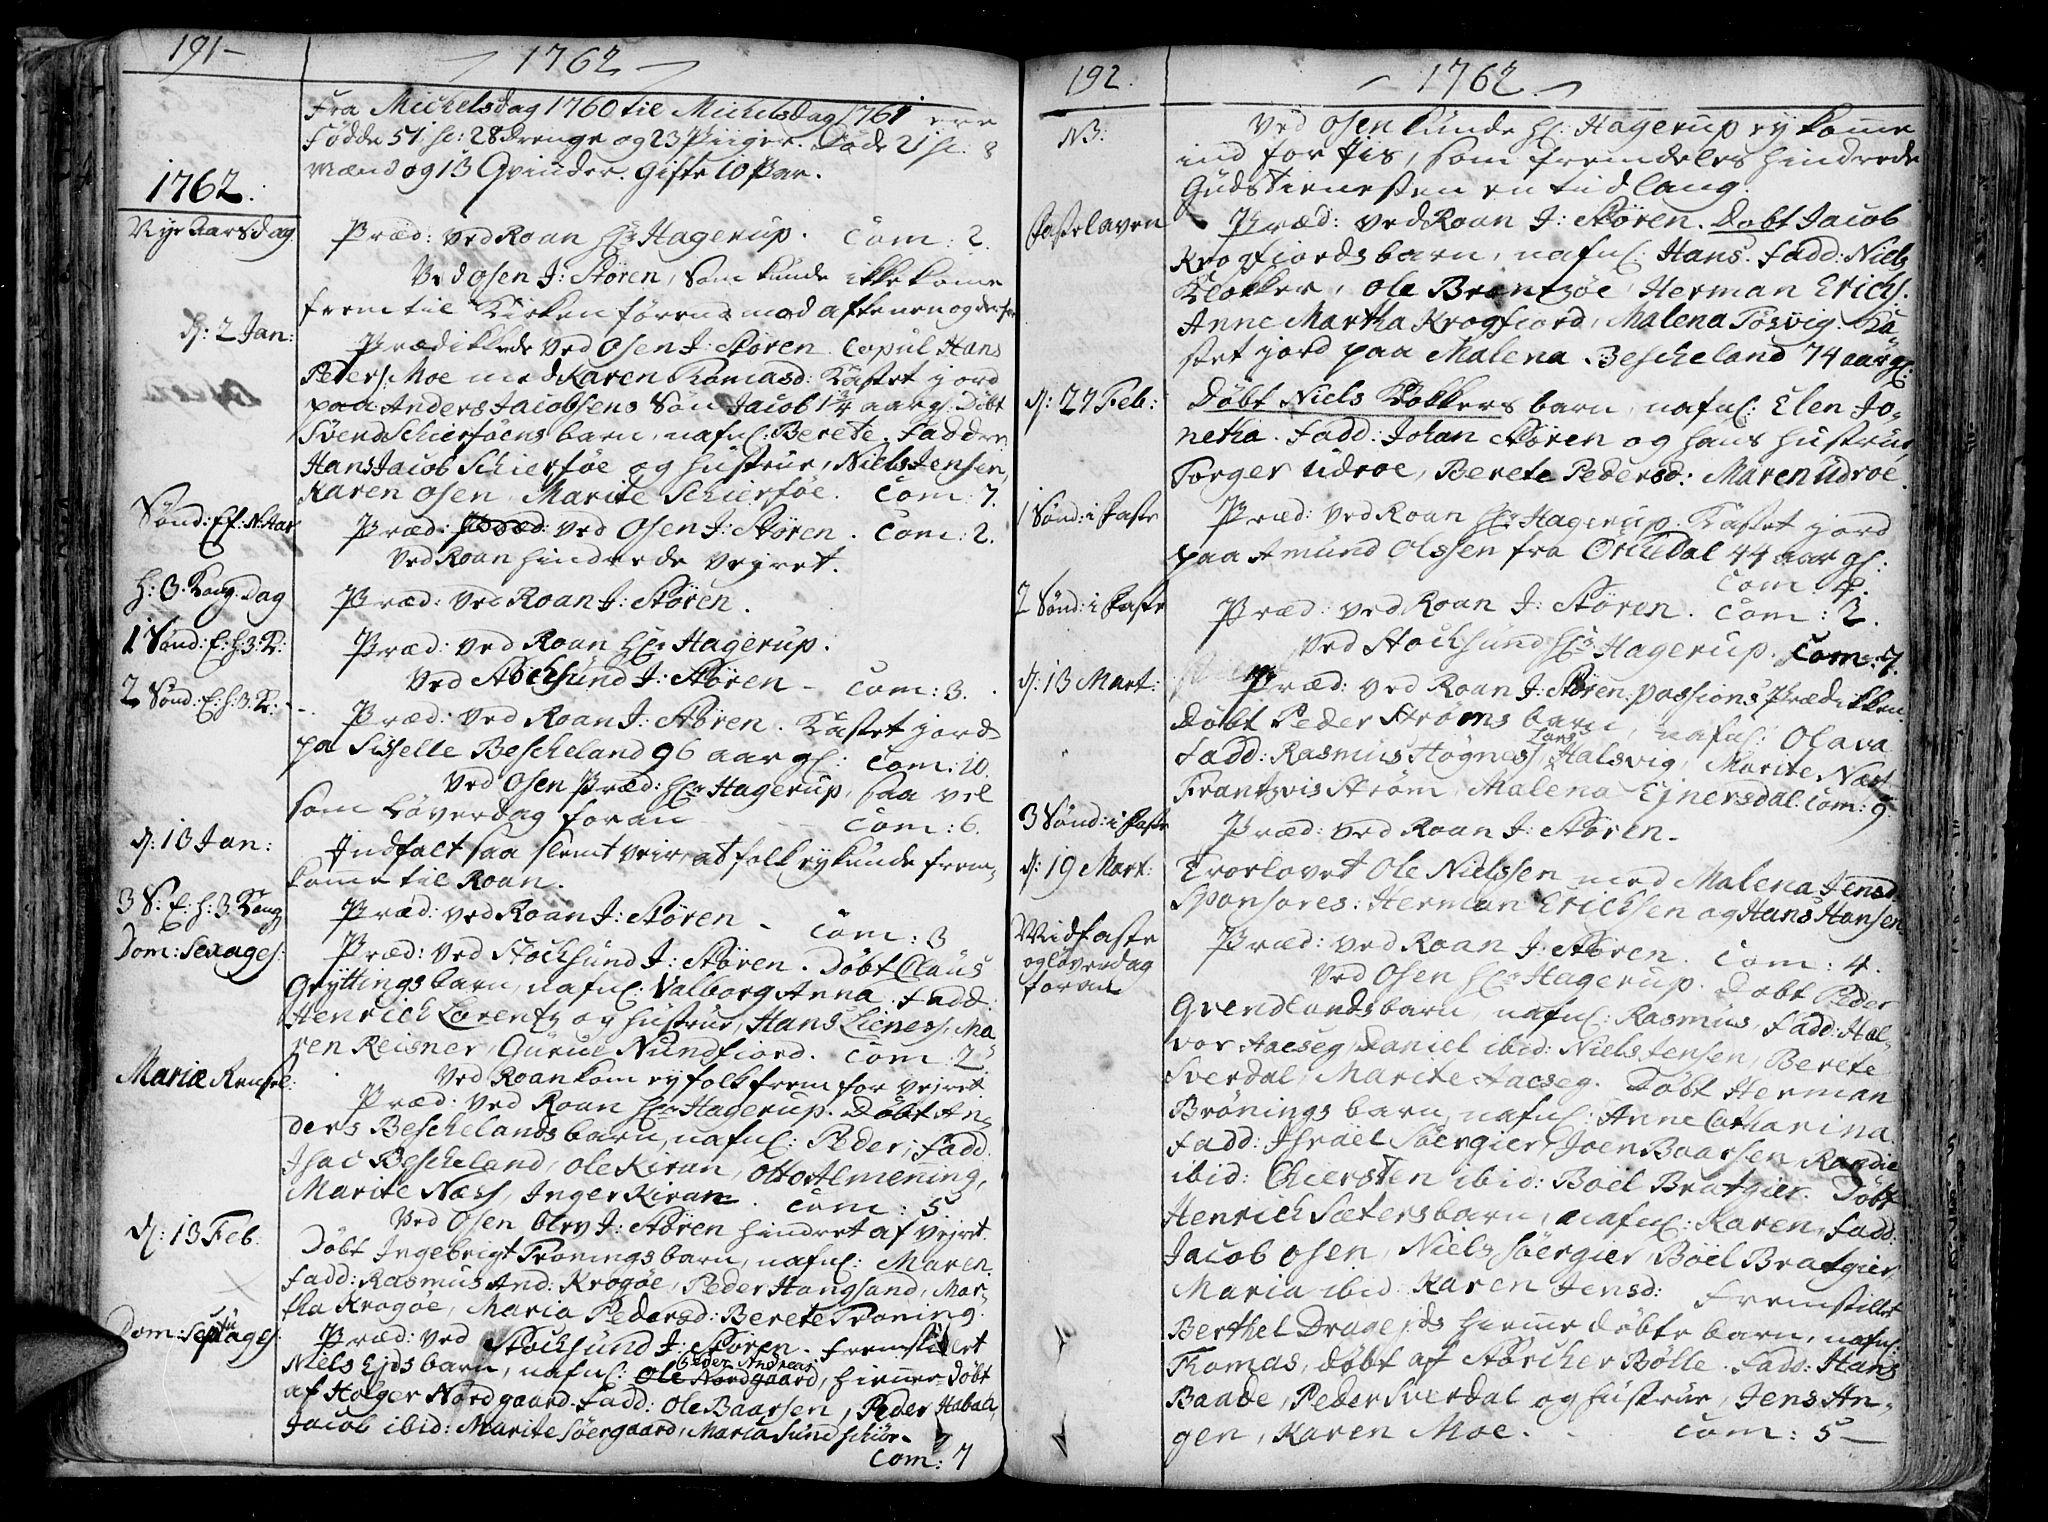 SAT, Ministerialprotokoller, klokkerbøker og fødselsregistre - Sør-Trøndelag, 657/L0700: Ministerialbok nr. 657A01, 1732-1801, s. 191-192